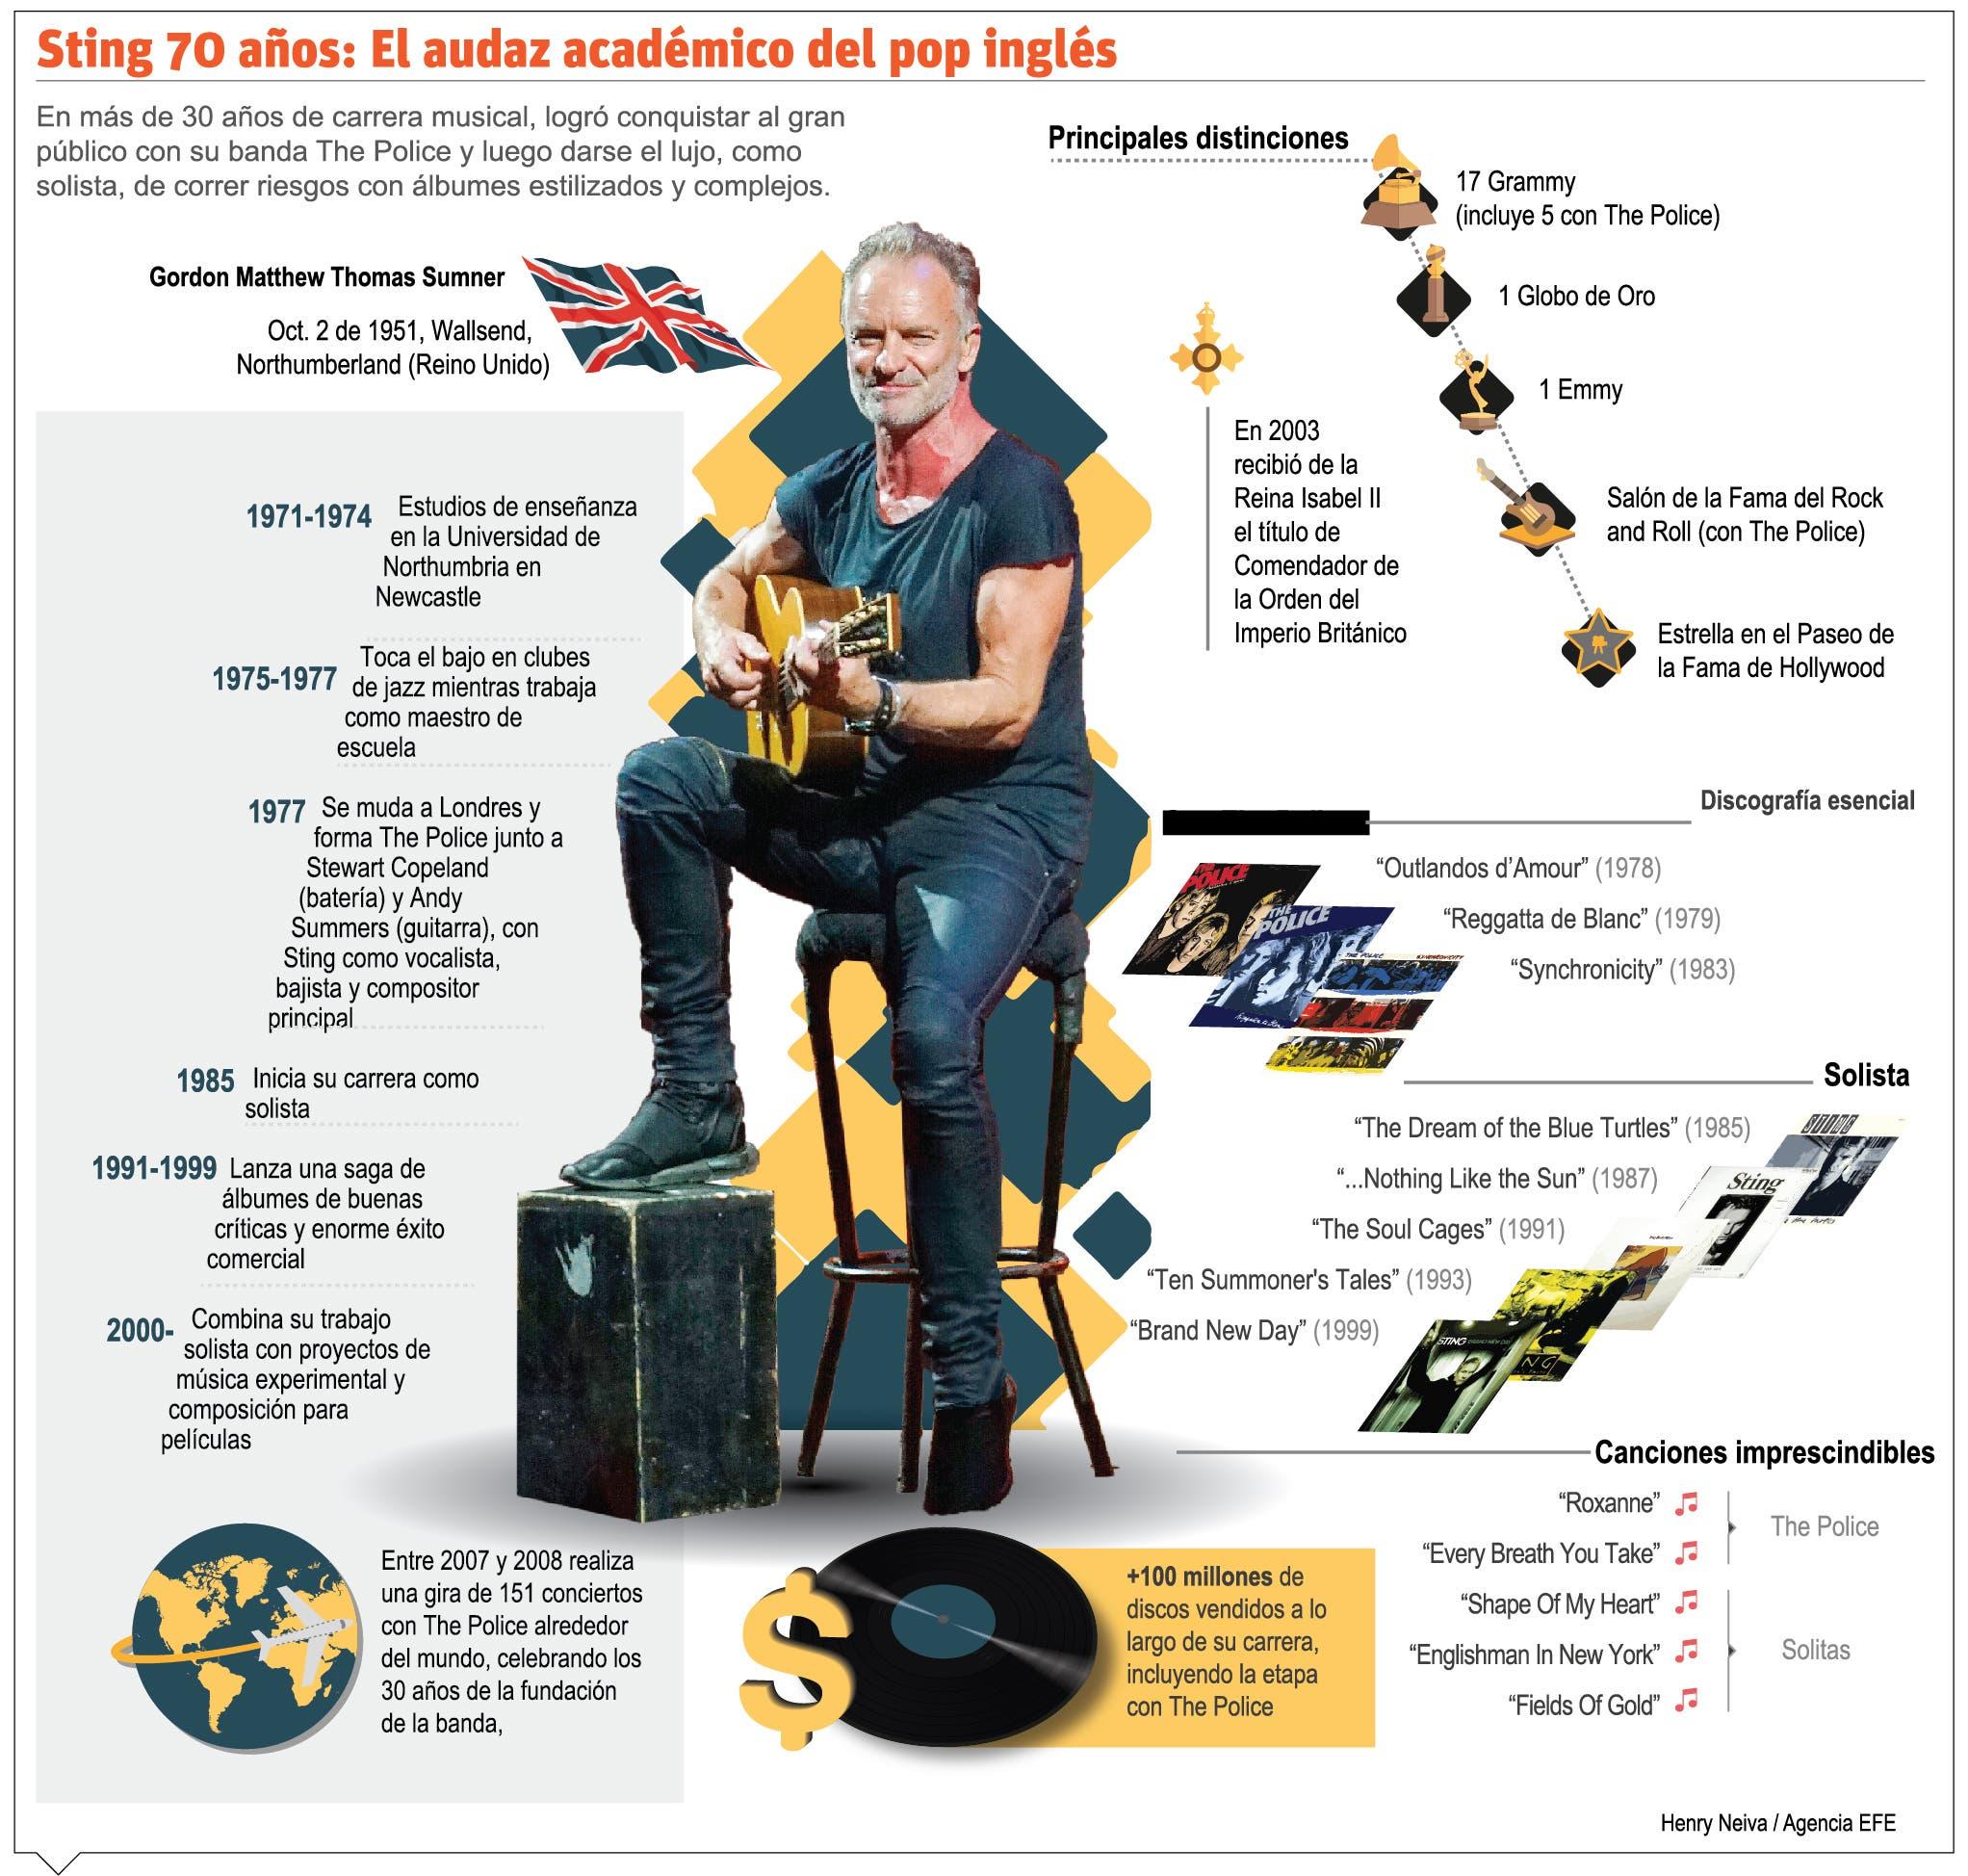 Sting, una picadura musical que cumple 70 años